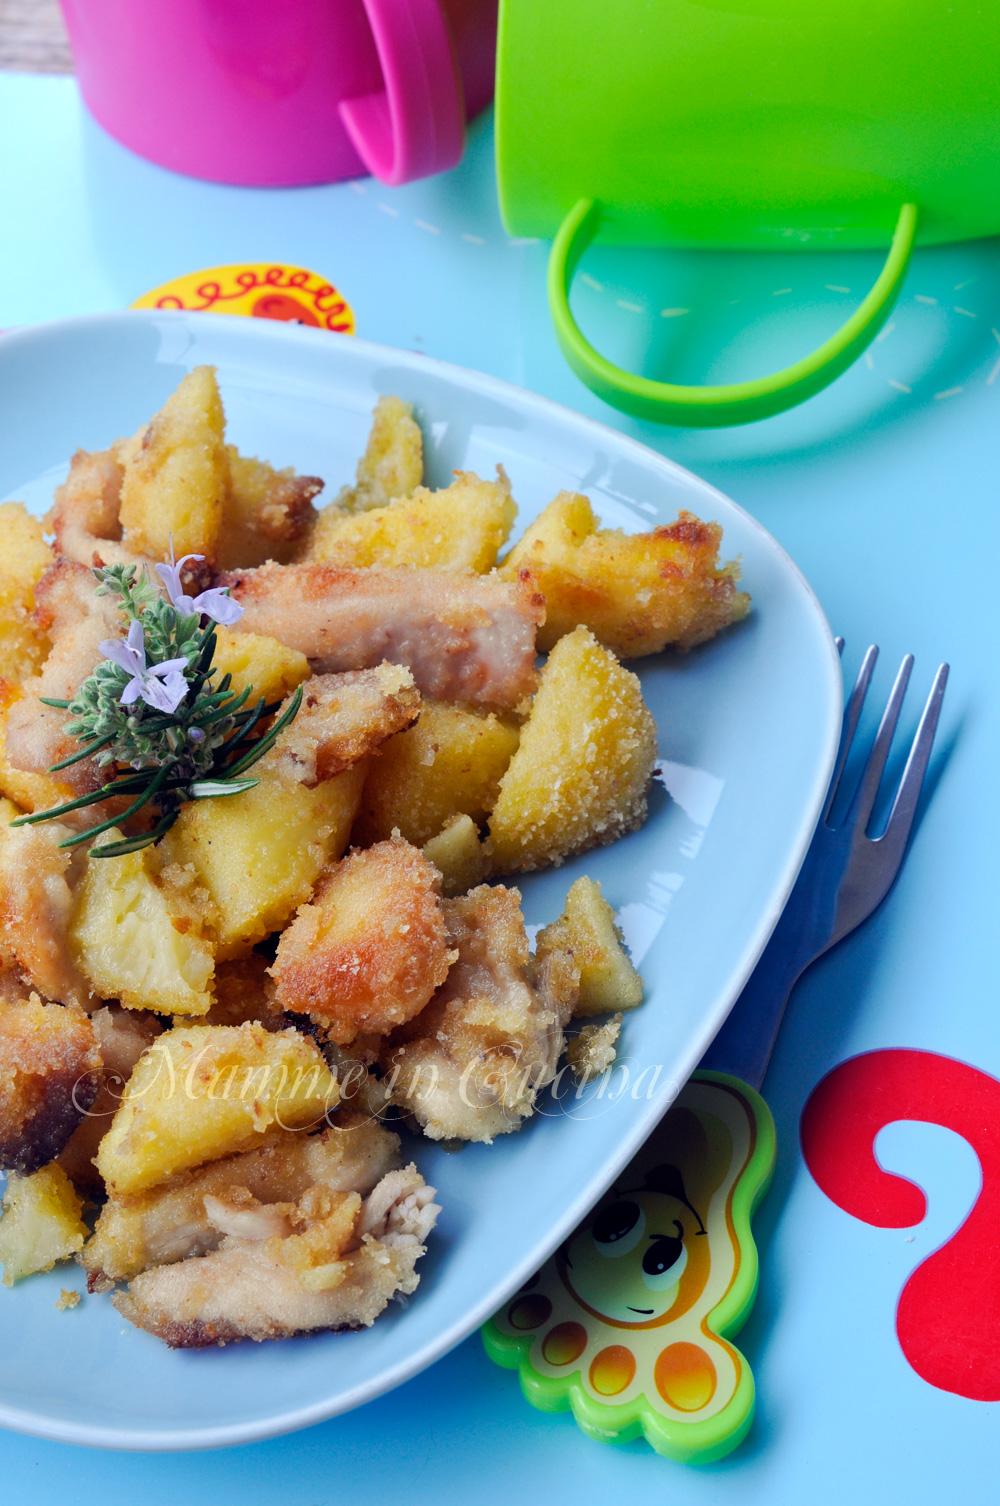 Straccetti di pollo con patate sabbiose al forno